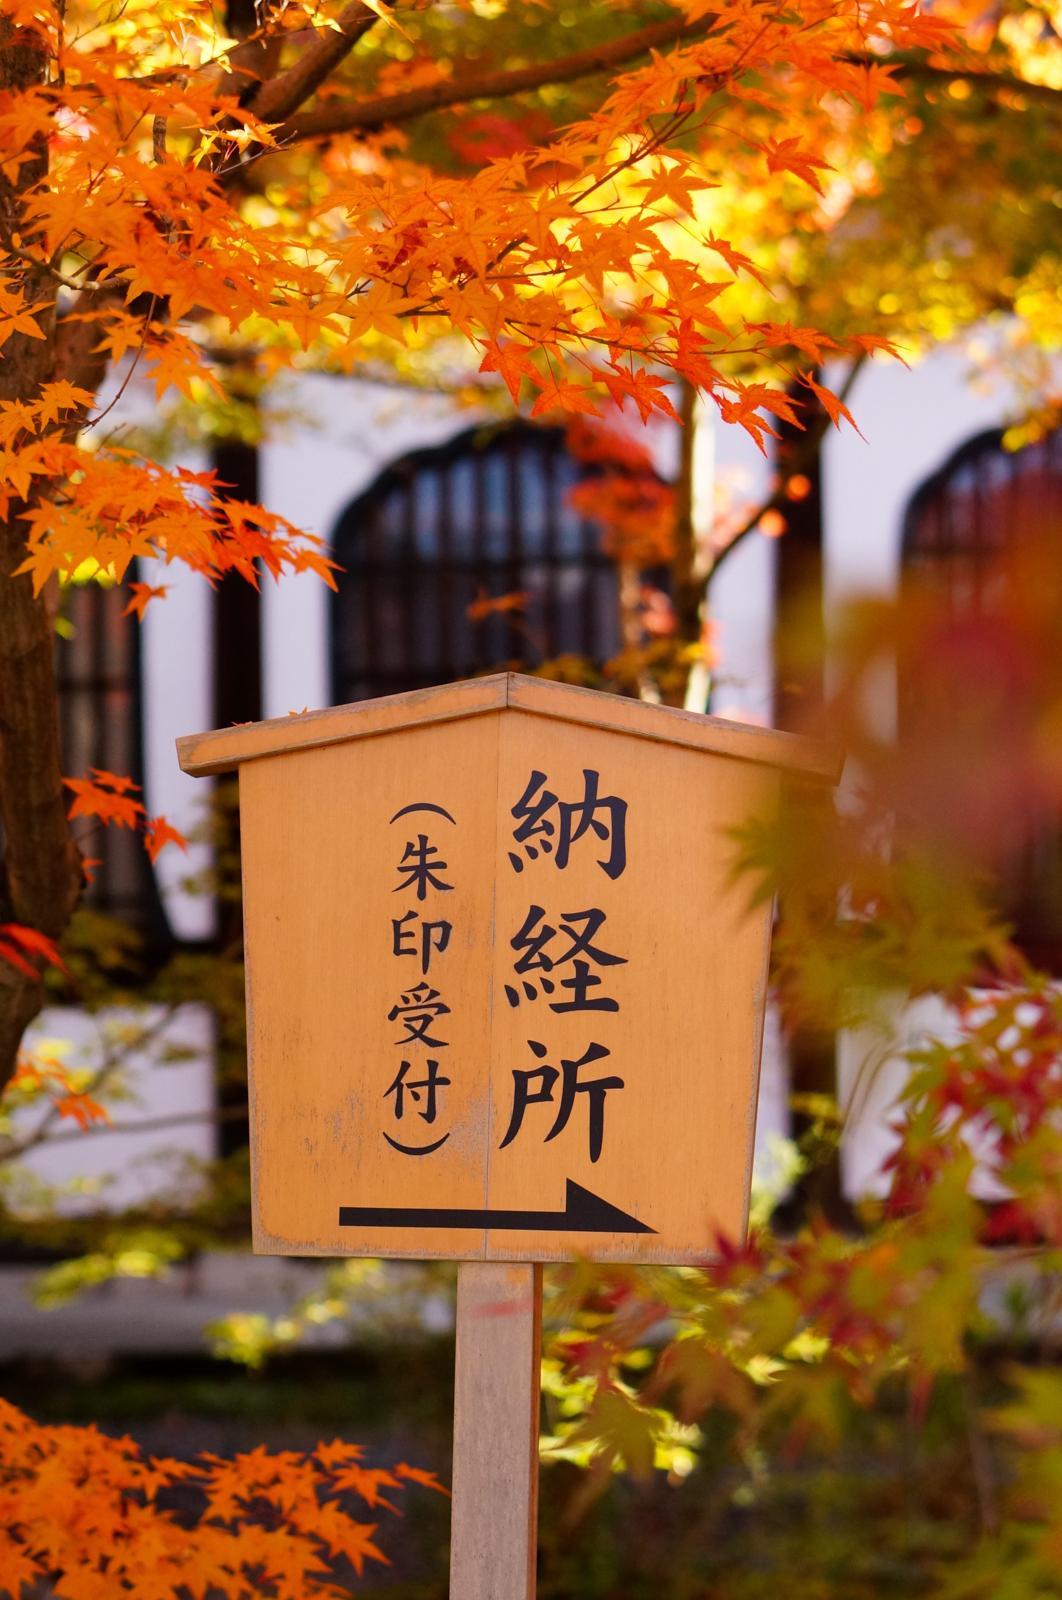 Eikan-do Zenrin-ji, eikando zenrinji, eikando temple, kyoto, kyoto chemin de la philosophie, kyoto momiji, automne kyoto, balade kyoto, séjour kyoto, voyage kyoto, érables kyoto, jardins kyoto